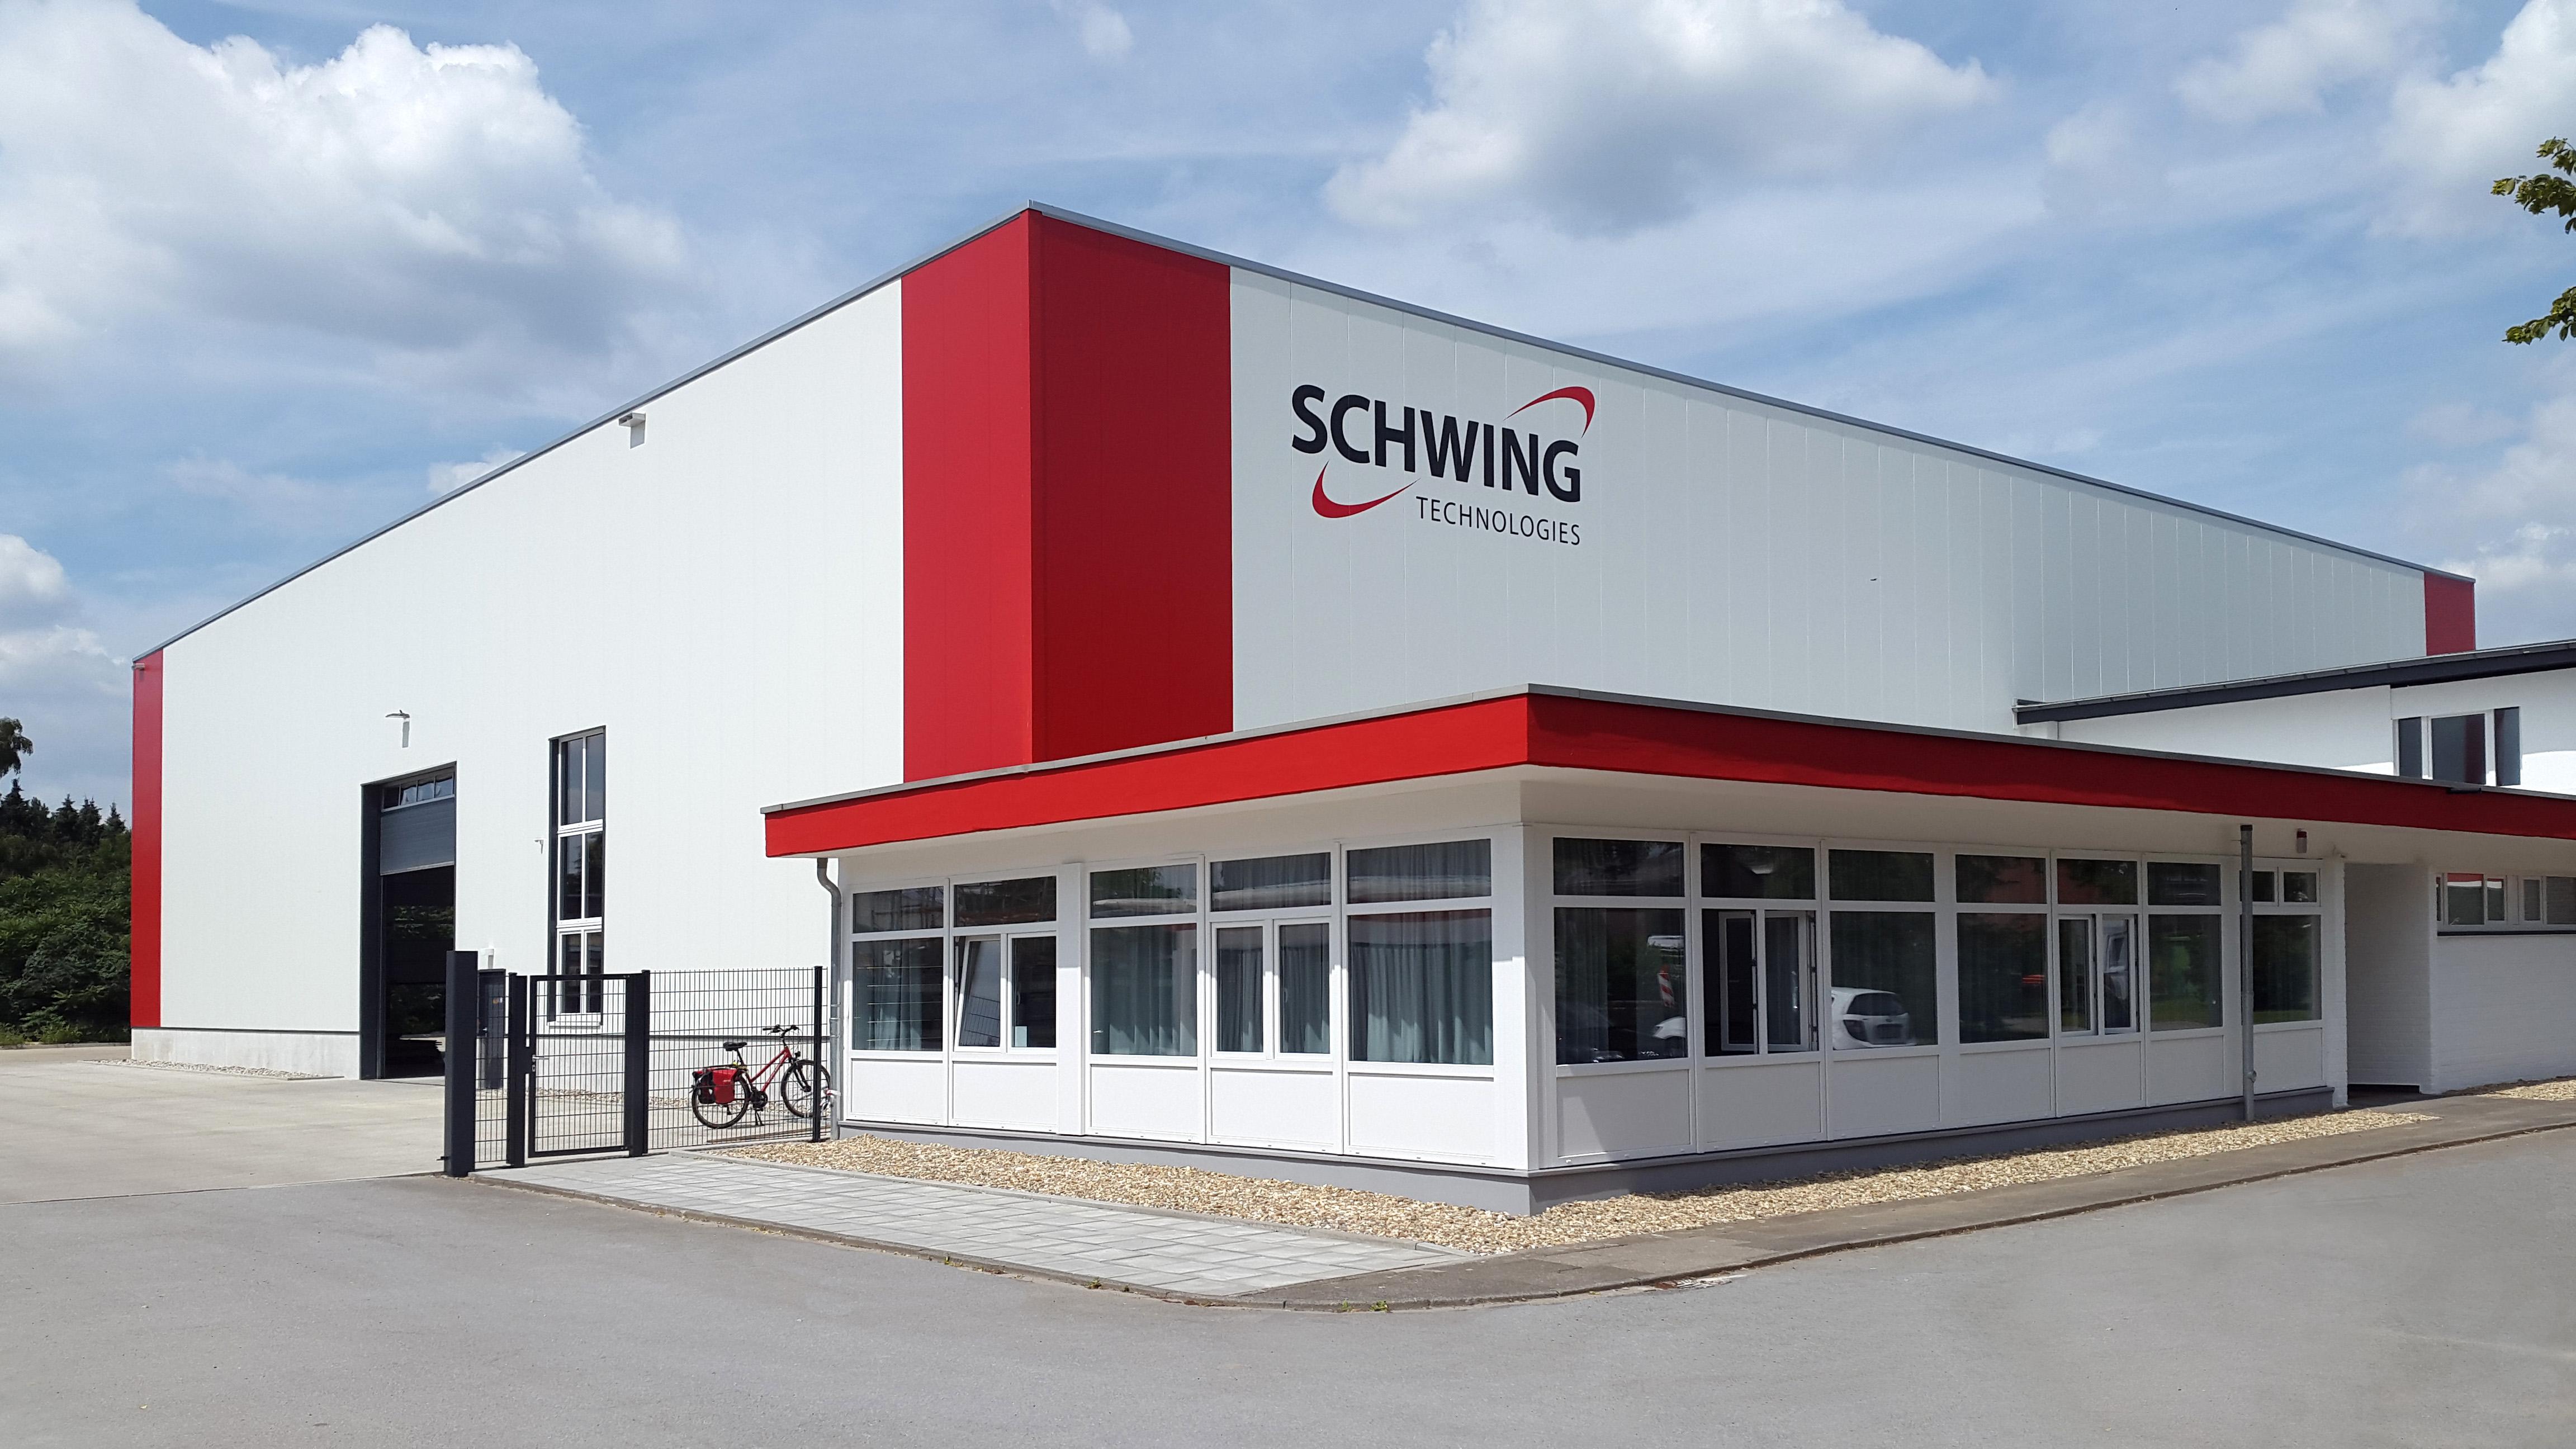 SCHWING Technologies: Eröffnung der neuen Fertigungshalle in Neukirchen-Vluyn. Foto: SCHWING Technologies